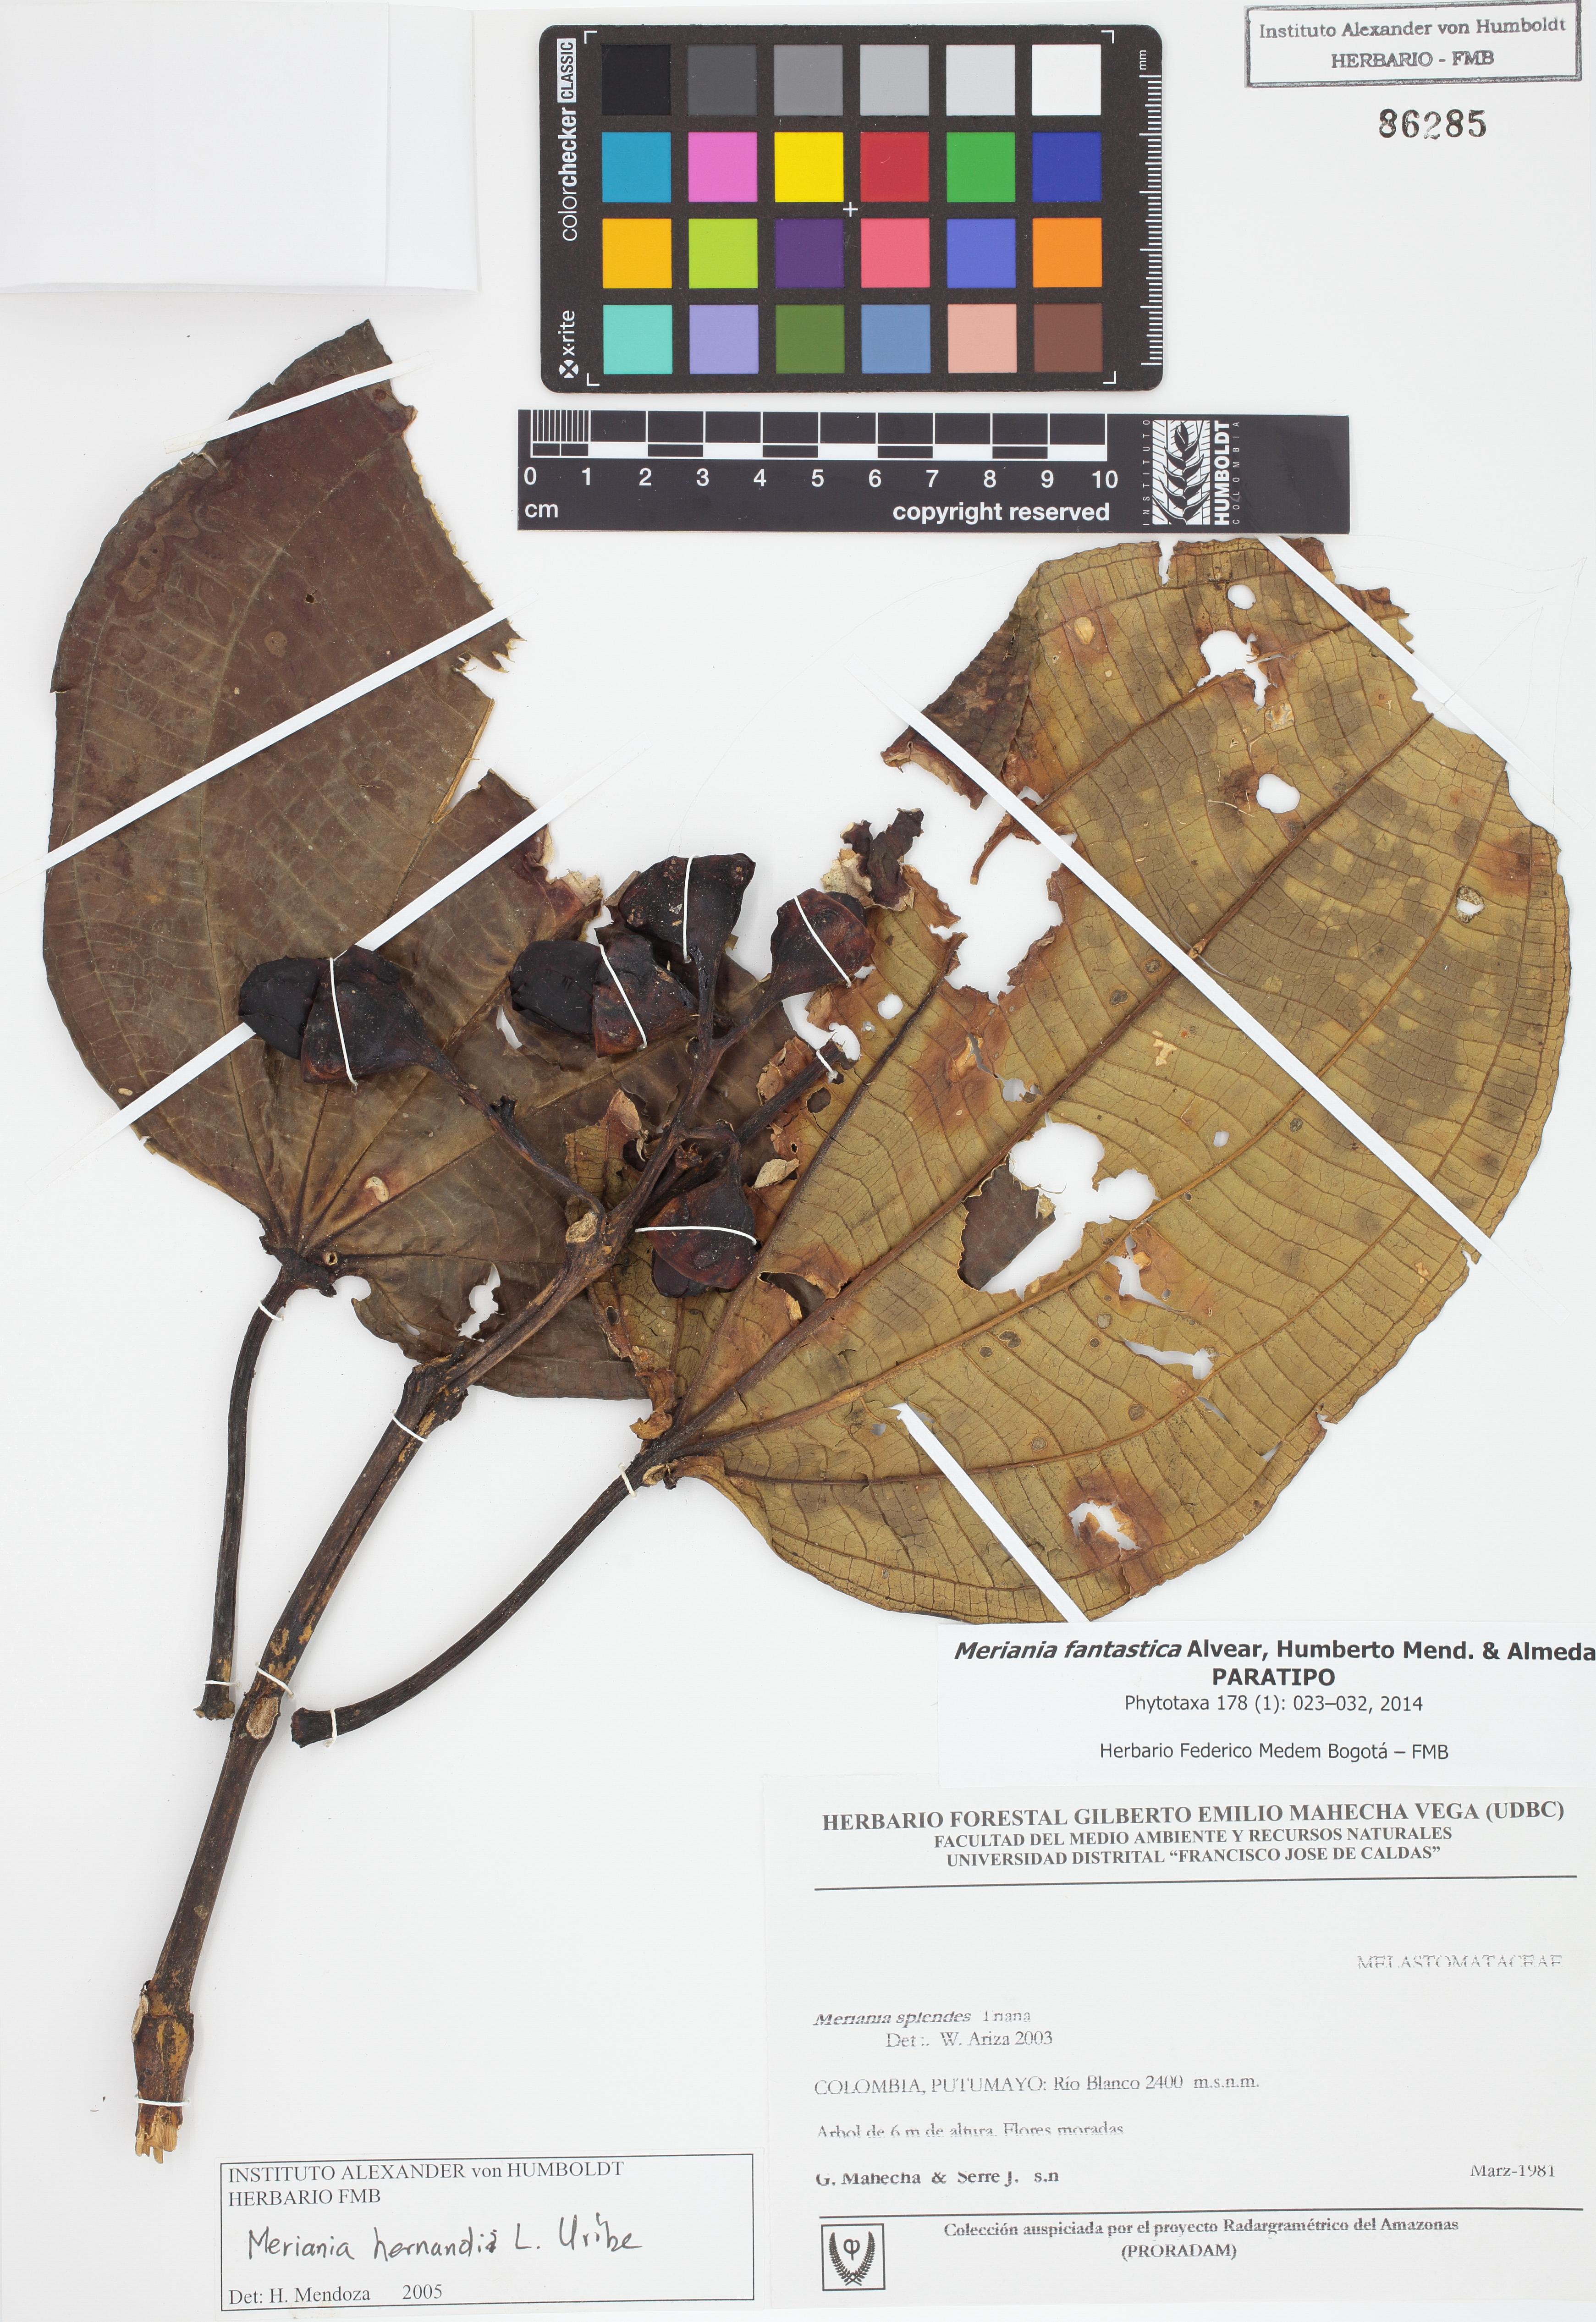 Paratipo de <em>Meriania fantastica</em>, FMB-86285, Fotografía por Robles A.